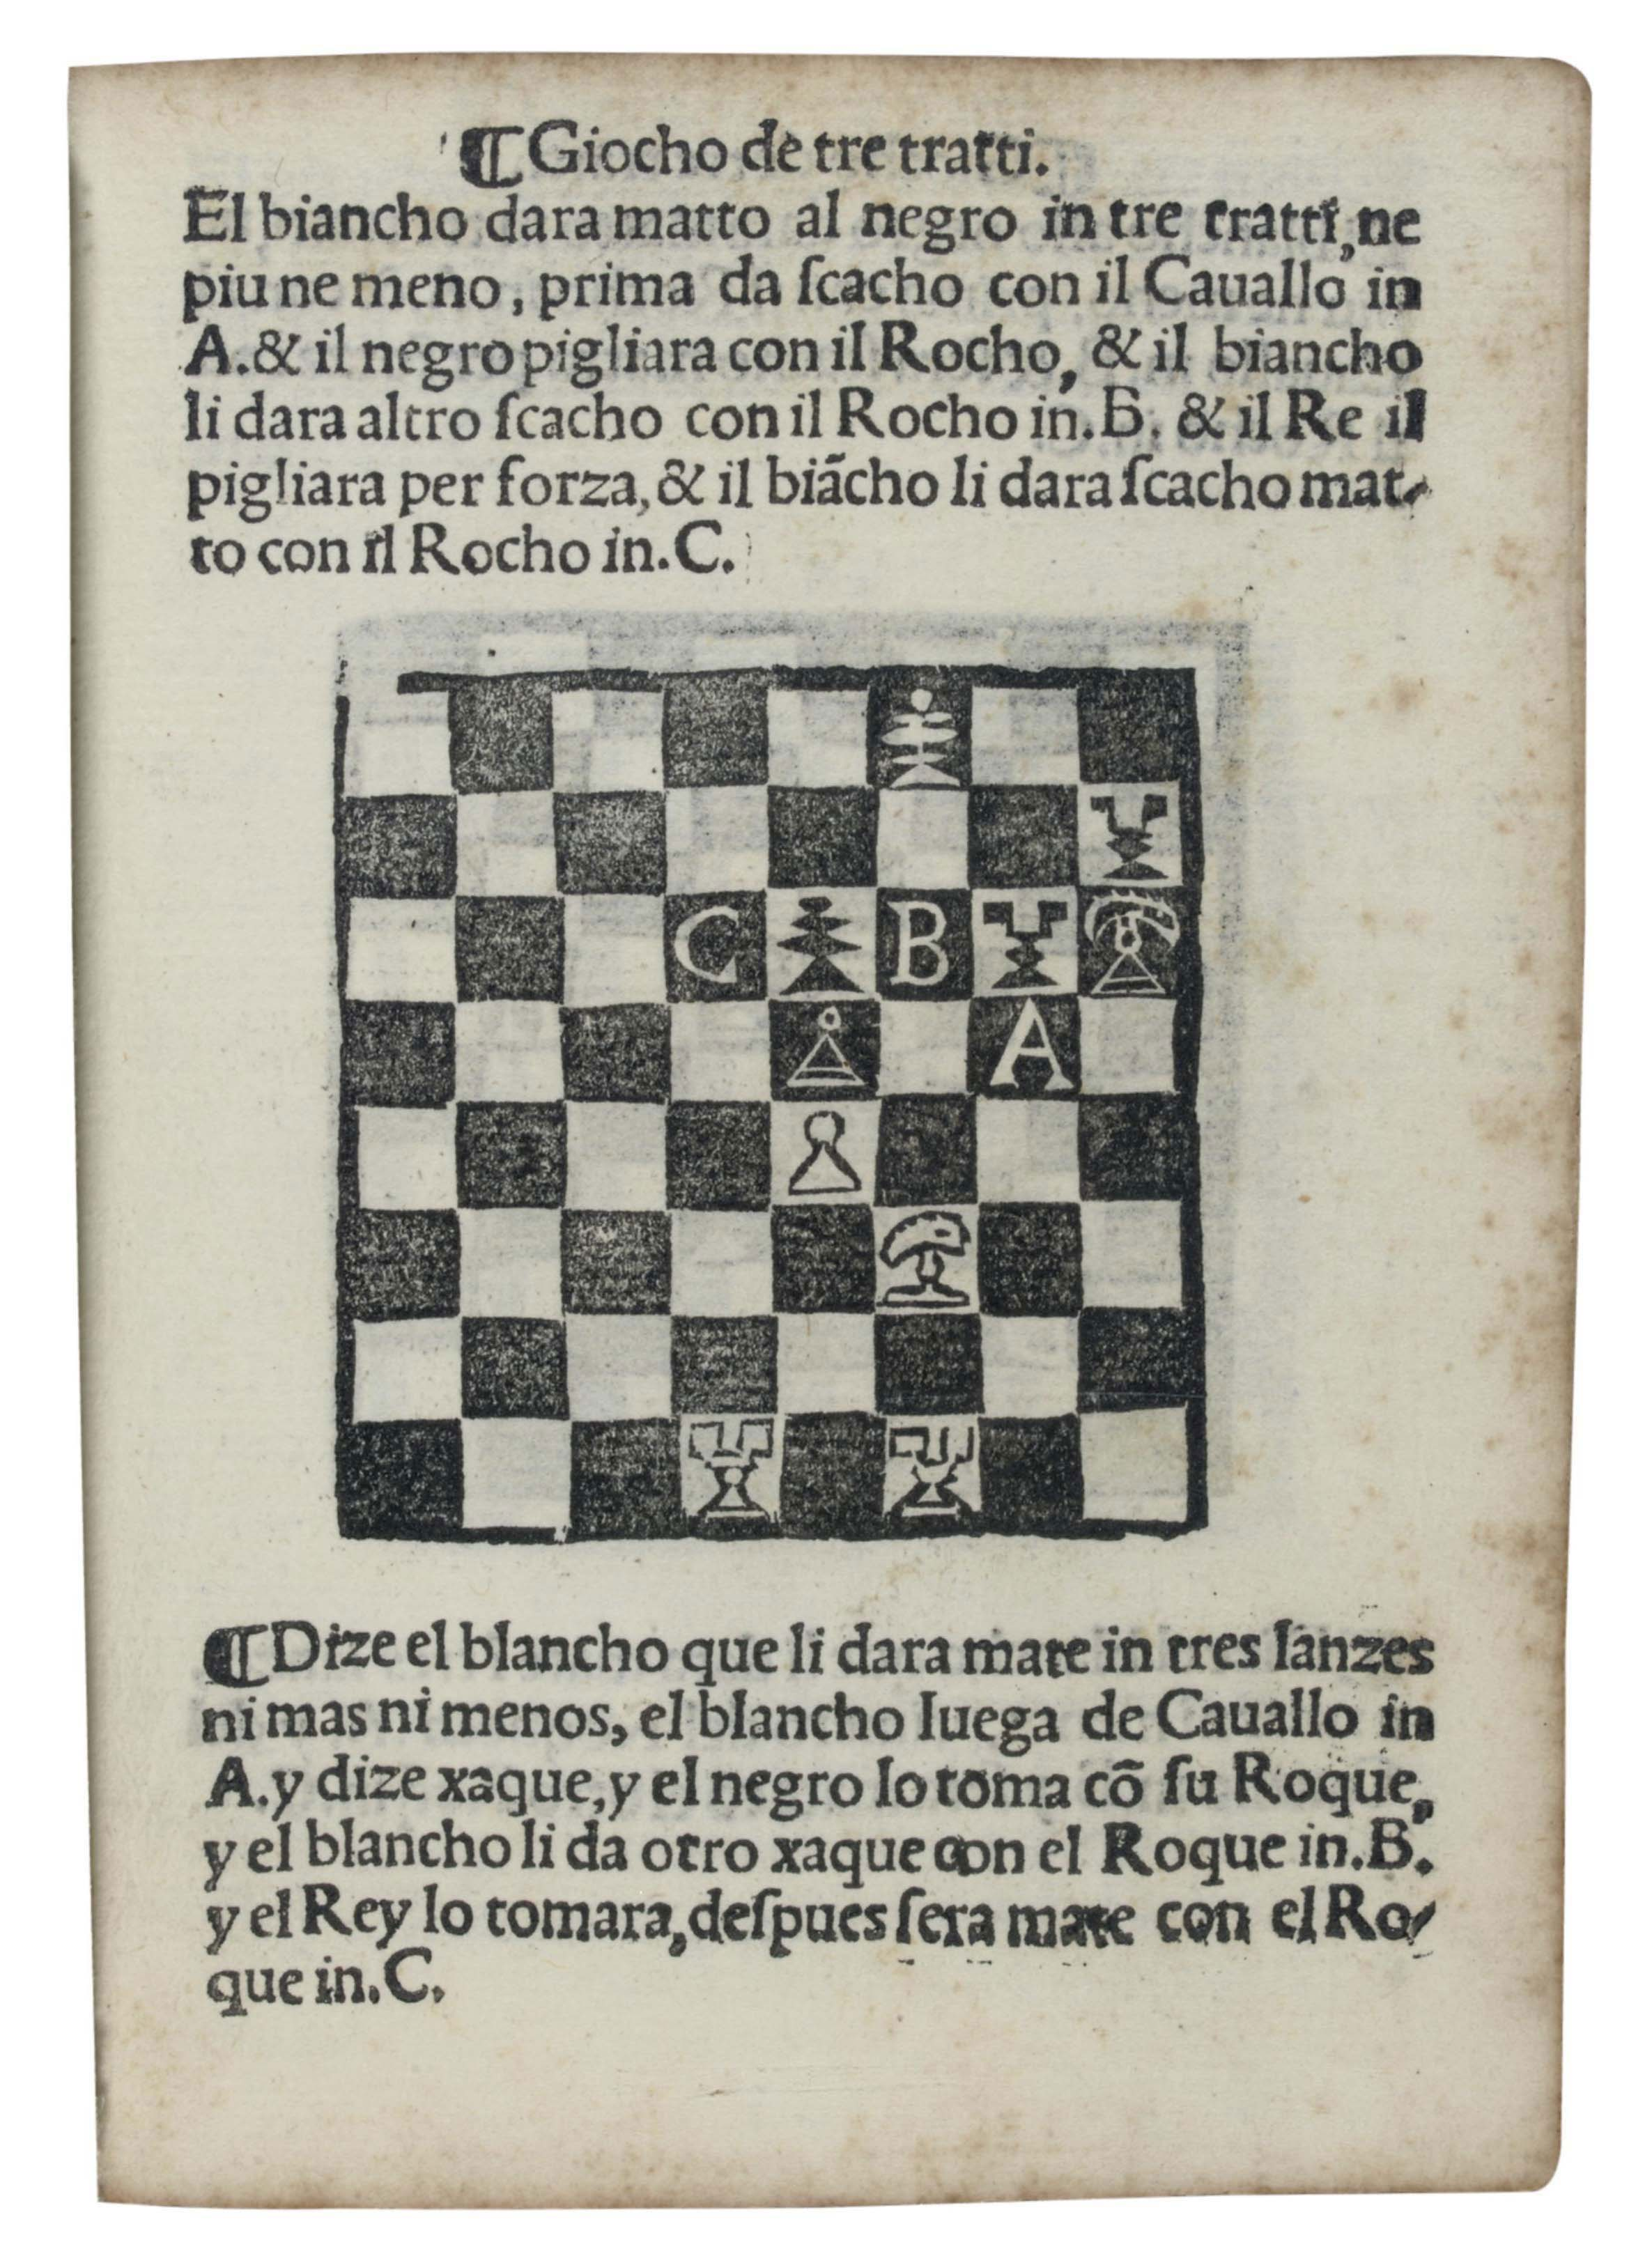 DAMIANO DE ODEMIRA (d. 1544). Libro da imparare giocare a scachi: et de belitissimi partiti: reuisti & recorretti. [No place: 1524 or later].